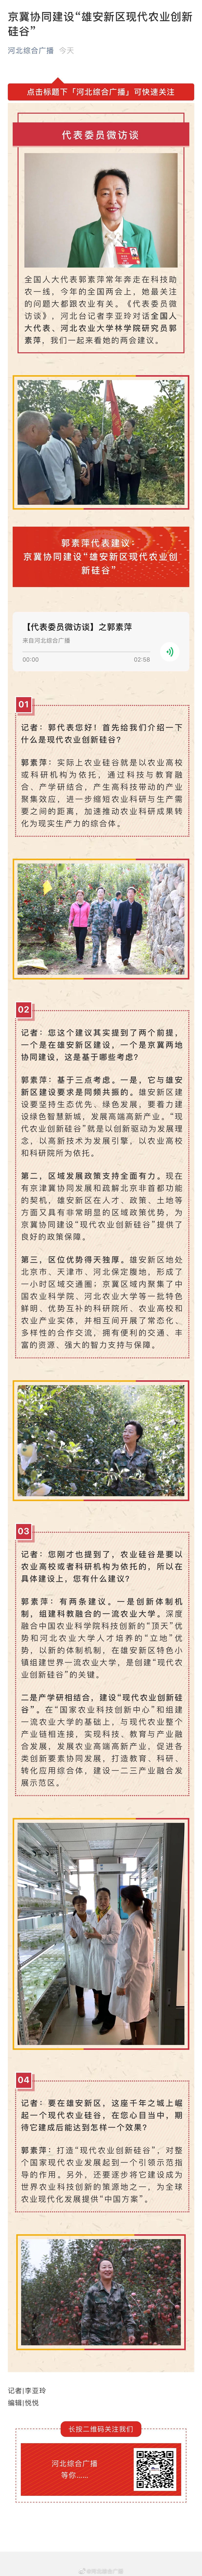 全国人大代表、河北农业大学林学院研究员郭素萍常年奔走在科技助农一线……